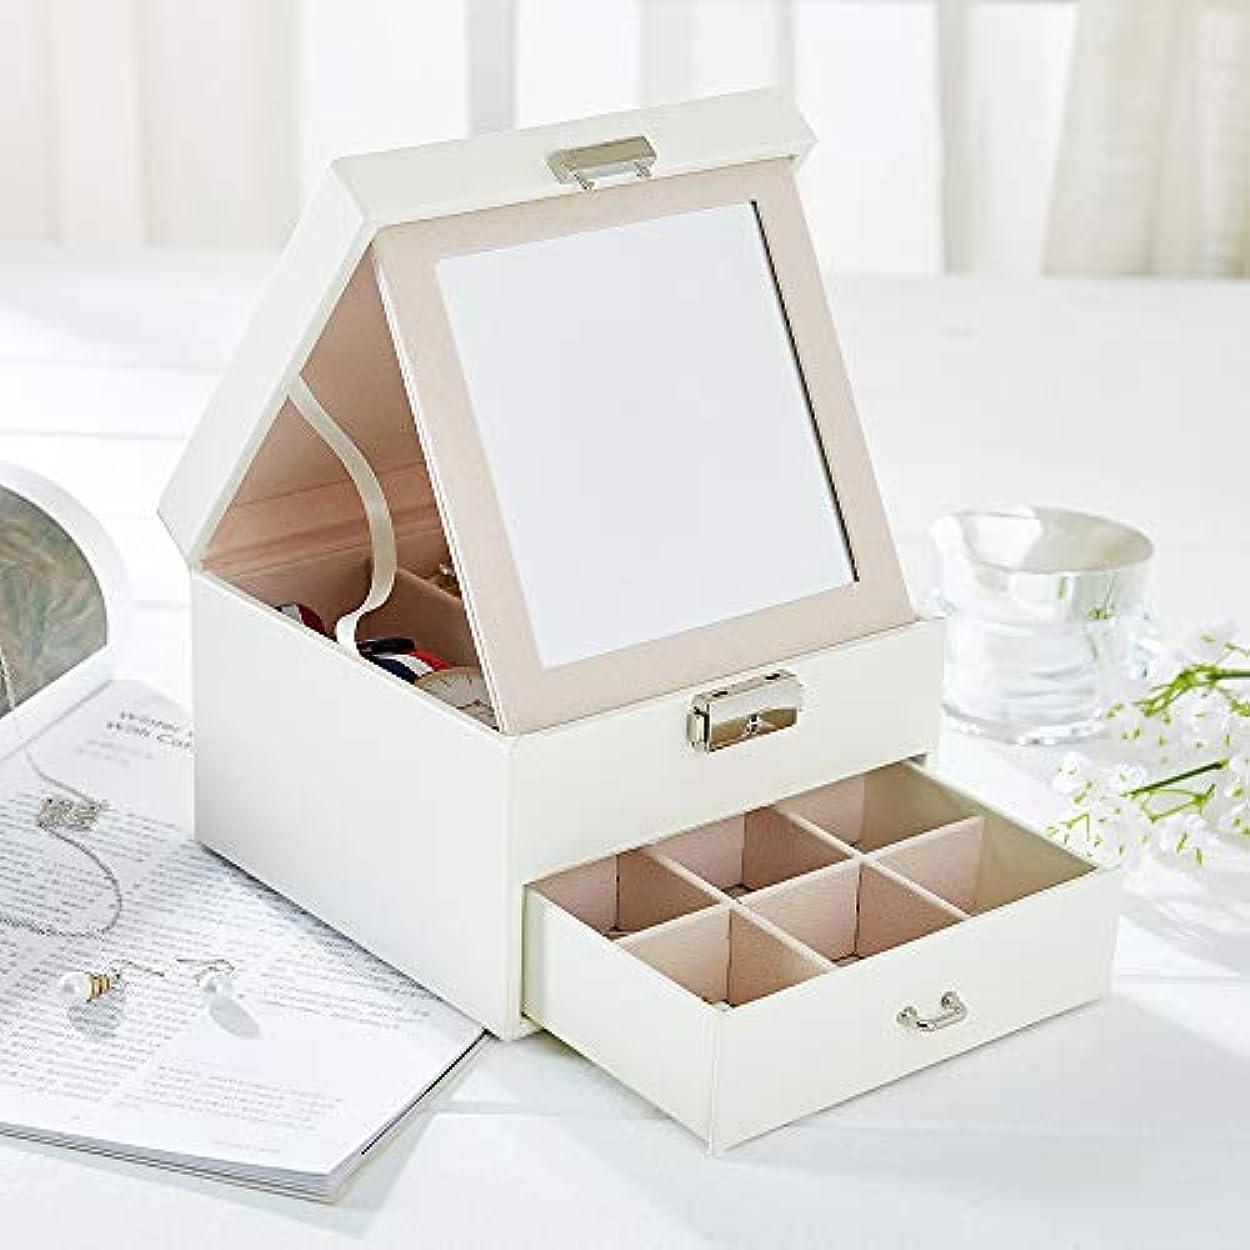 役に立たない言語フェロー諸島Diolan ジュエリー収納ケース ジュエリーボックス ミラー付き 2段収納 イヤリング 指輪 腕時計などを収納できる (ホワイト)